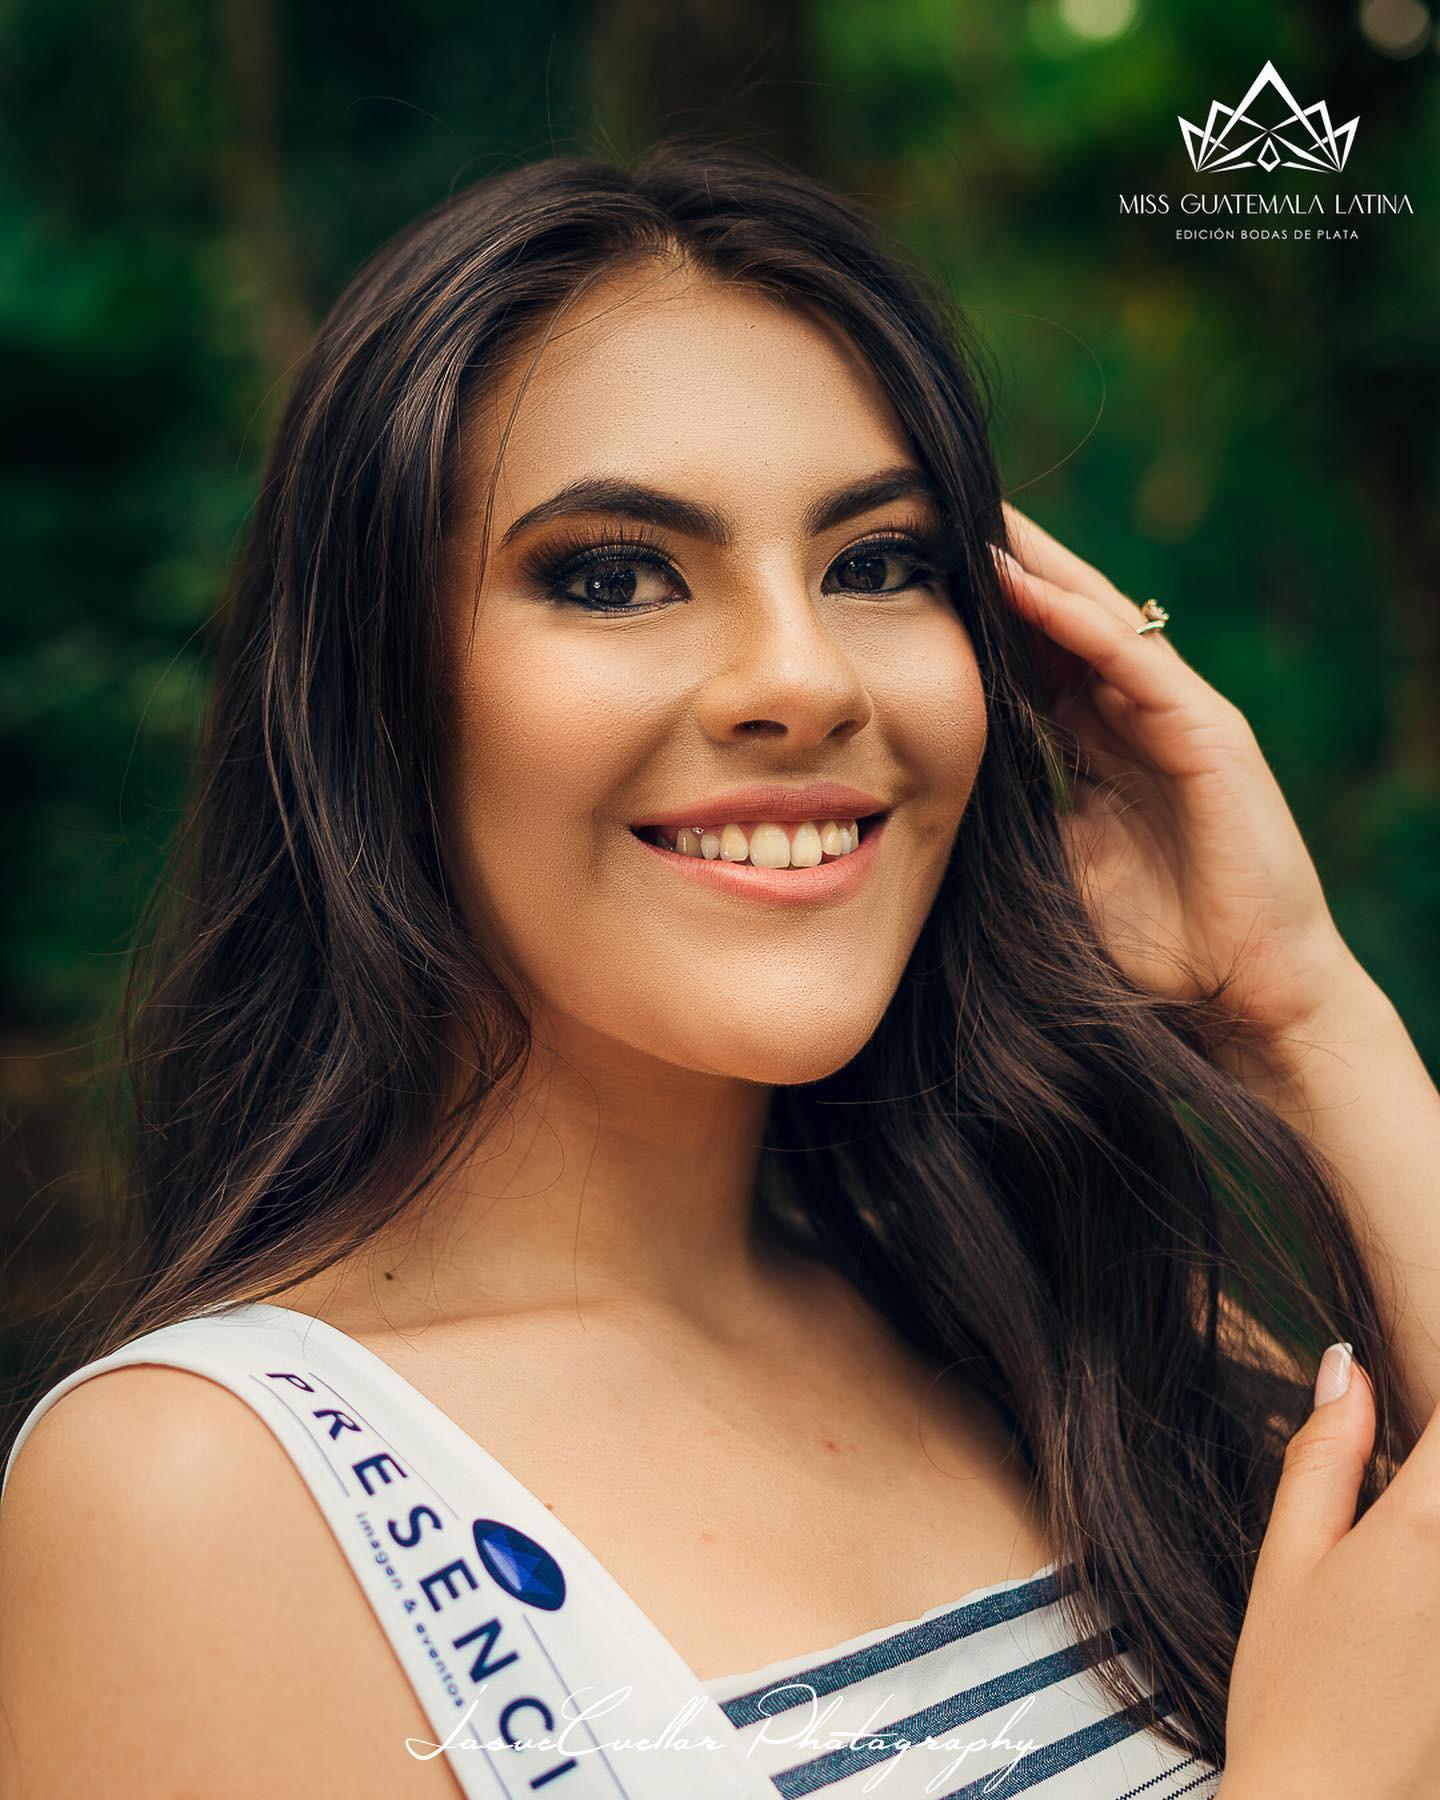 candidatas a miss guatemala latina 2021. final: 30 de abril. - Página 11 BFNvnf